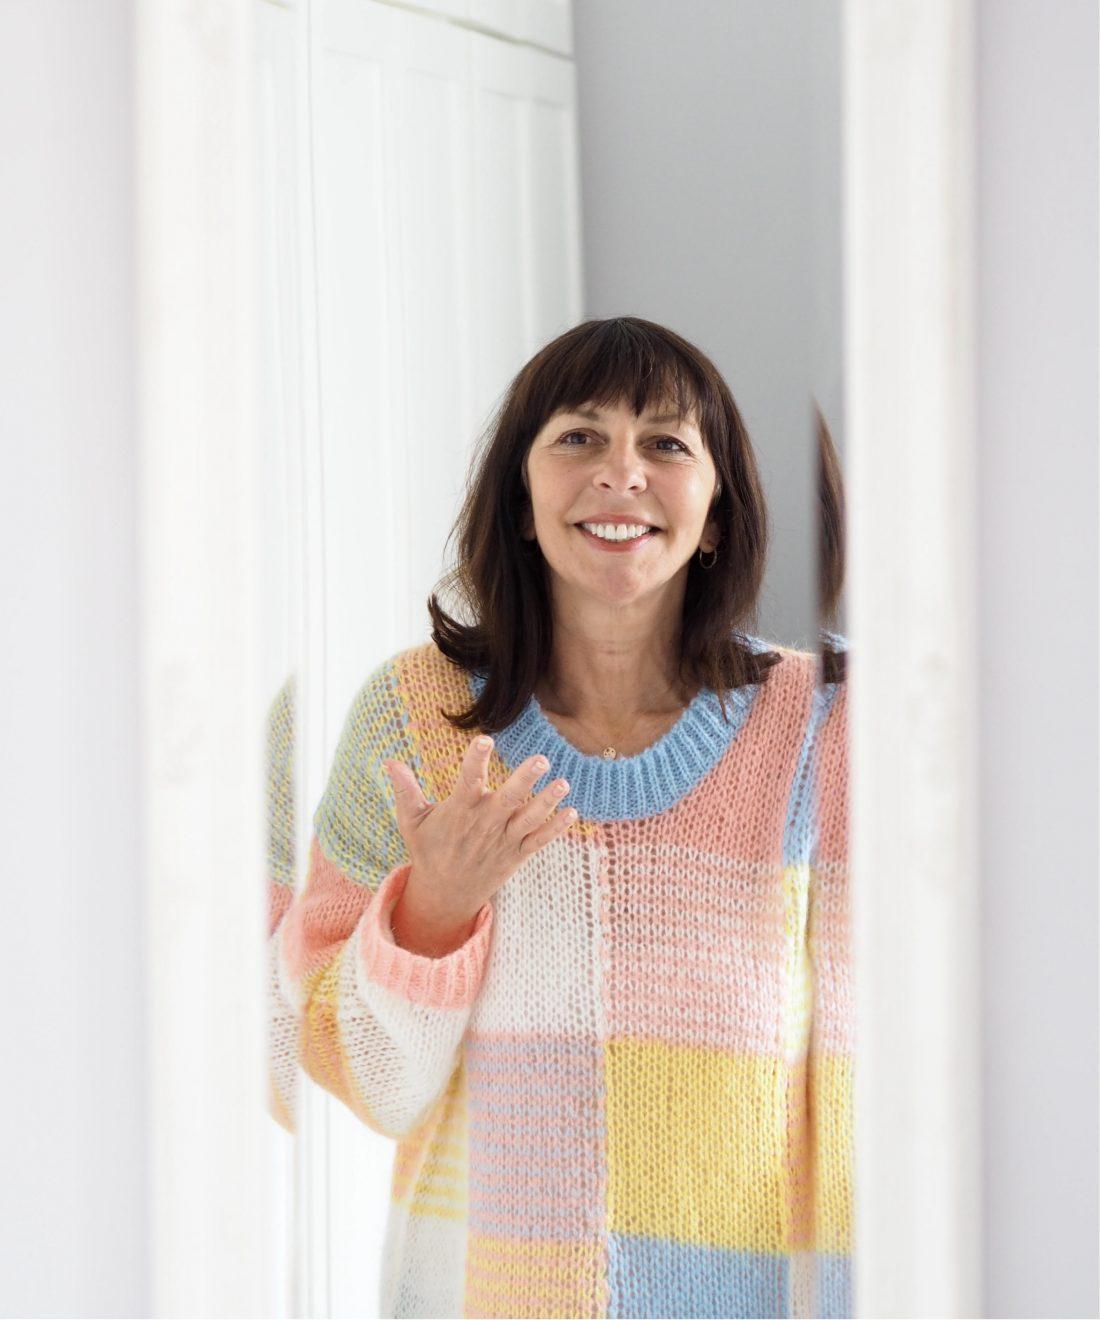 Outra blusa de verão | Blogueiro de beleza britânico 7